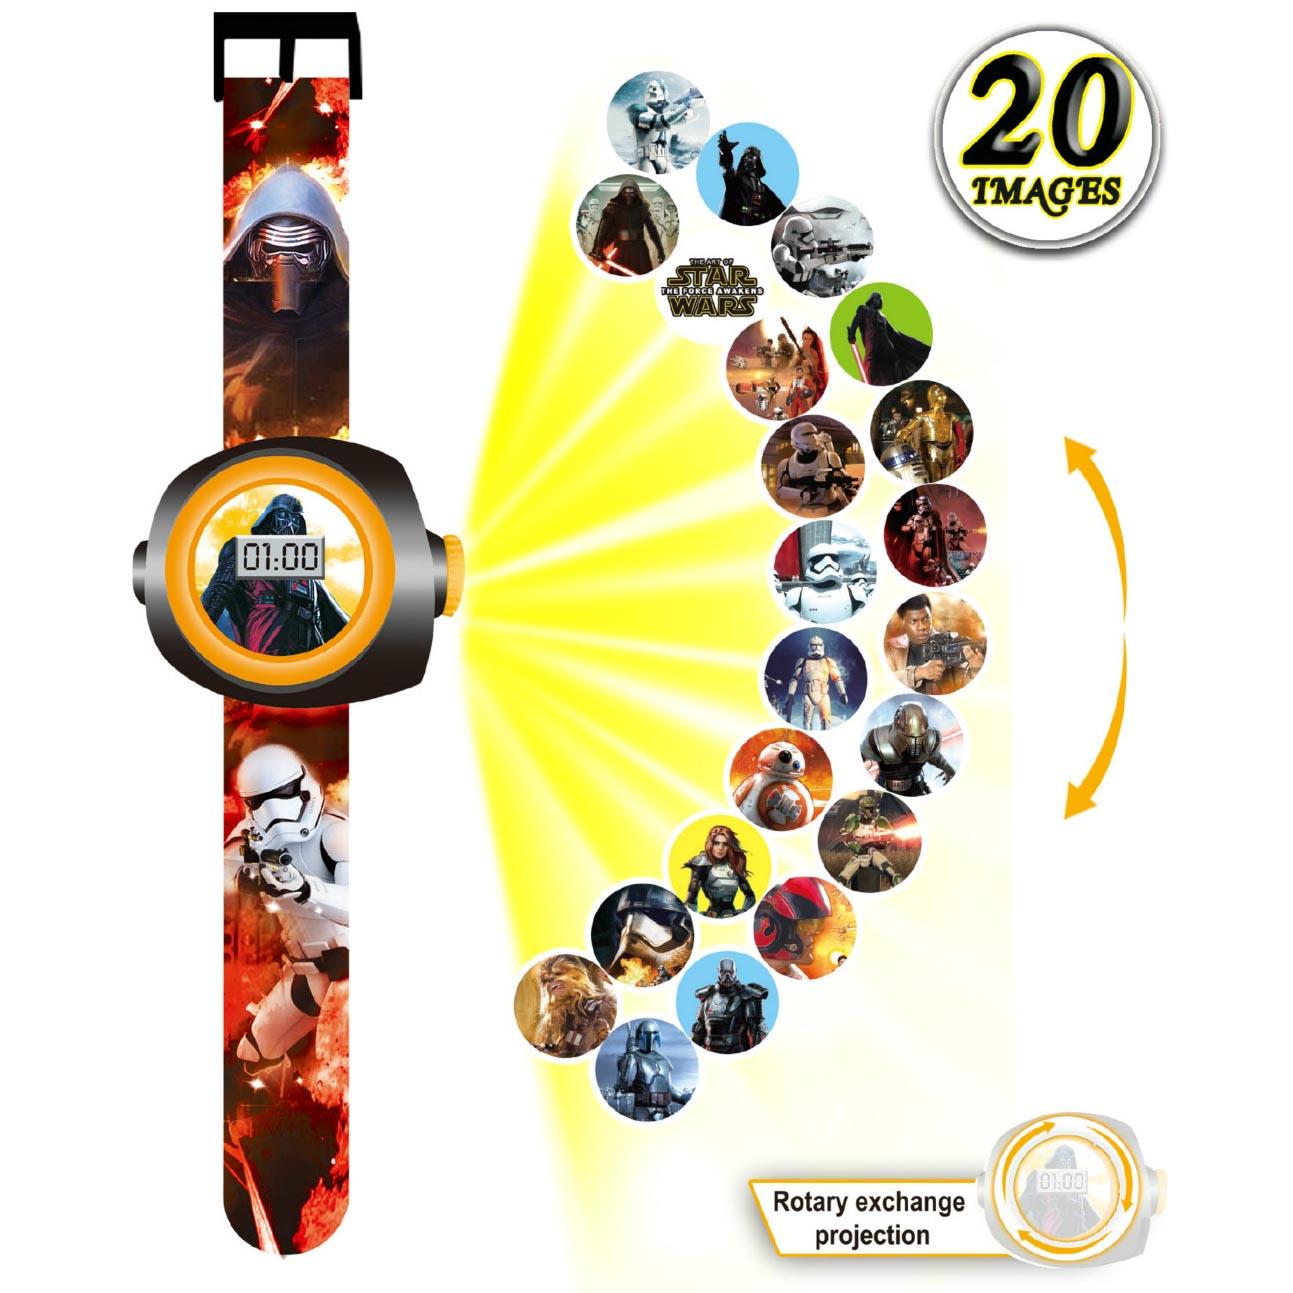 Đồng hồ điện tử đeo tay chiếu hình 3D WLT2218 Star War